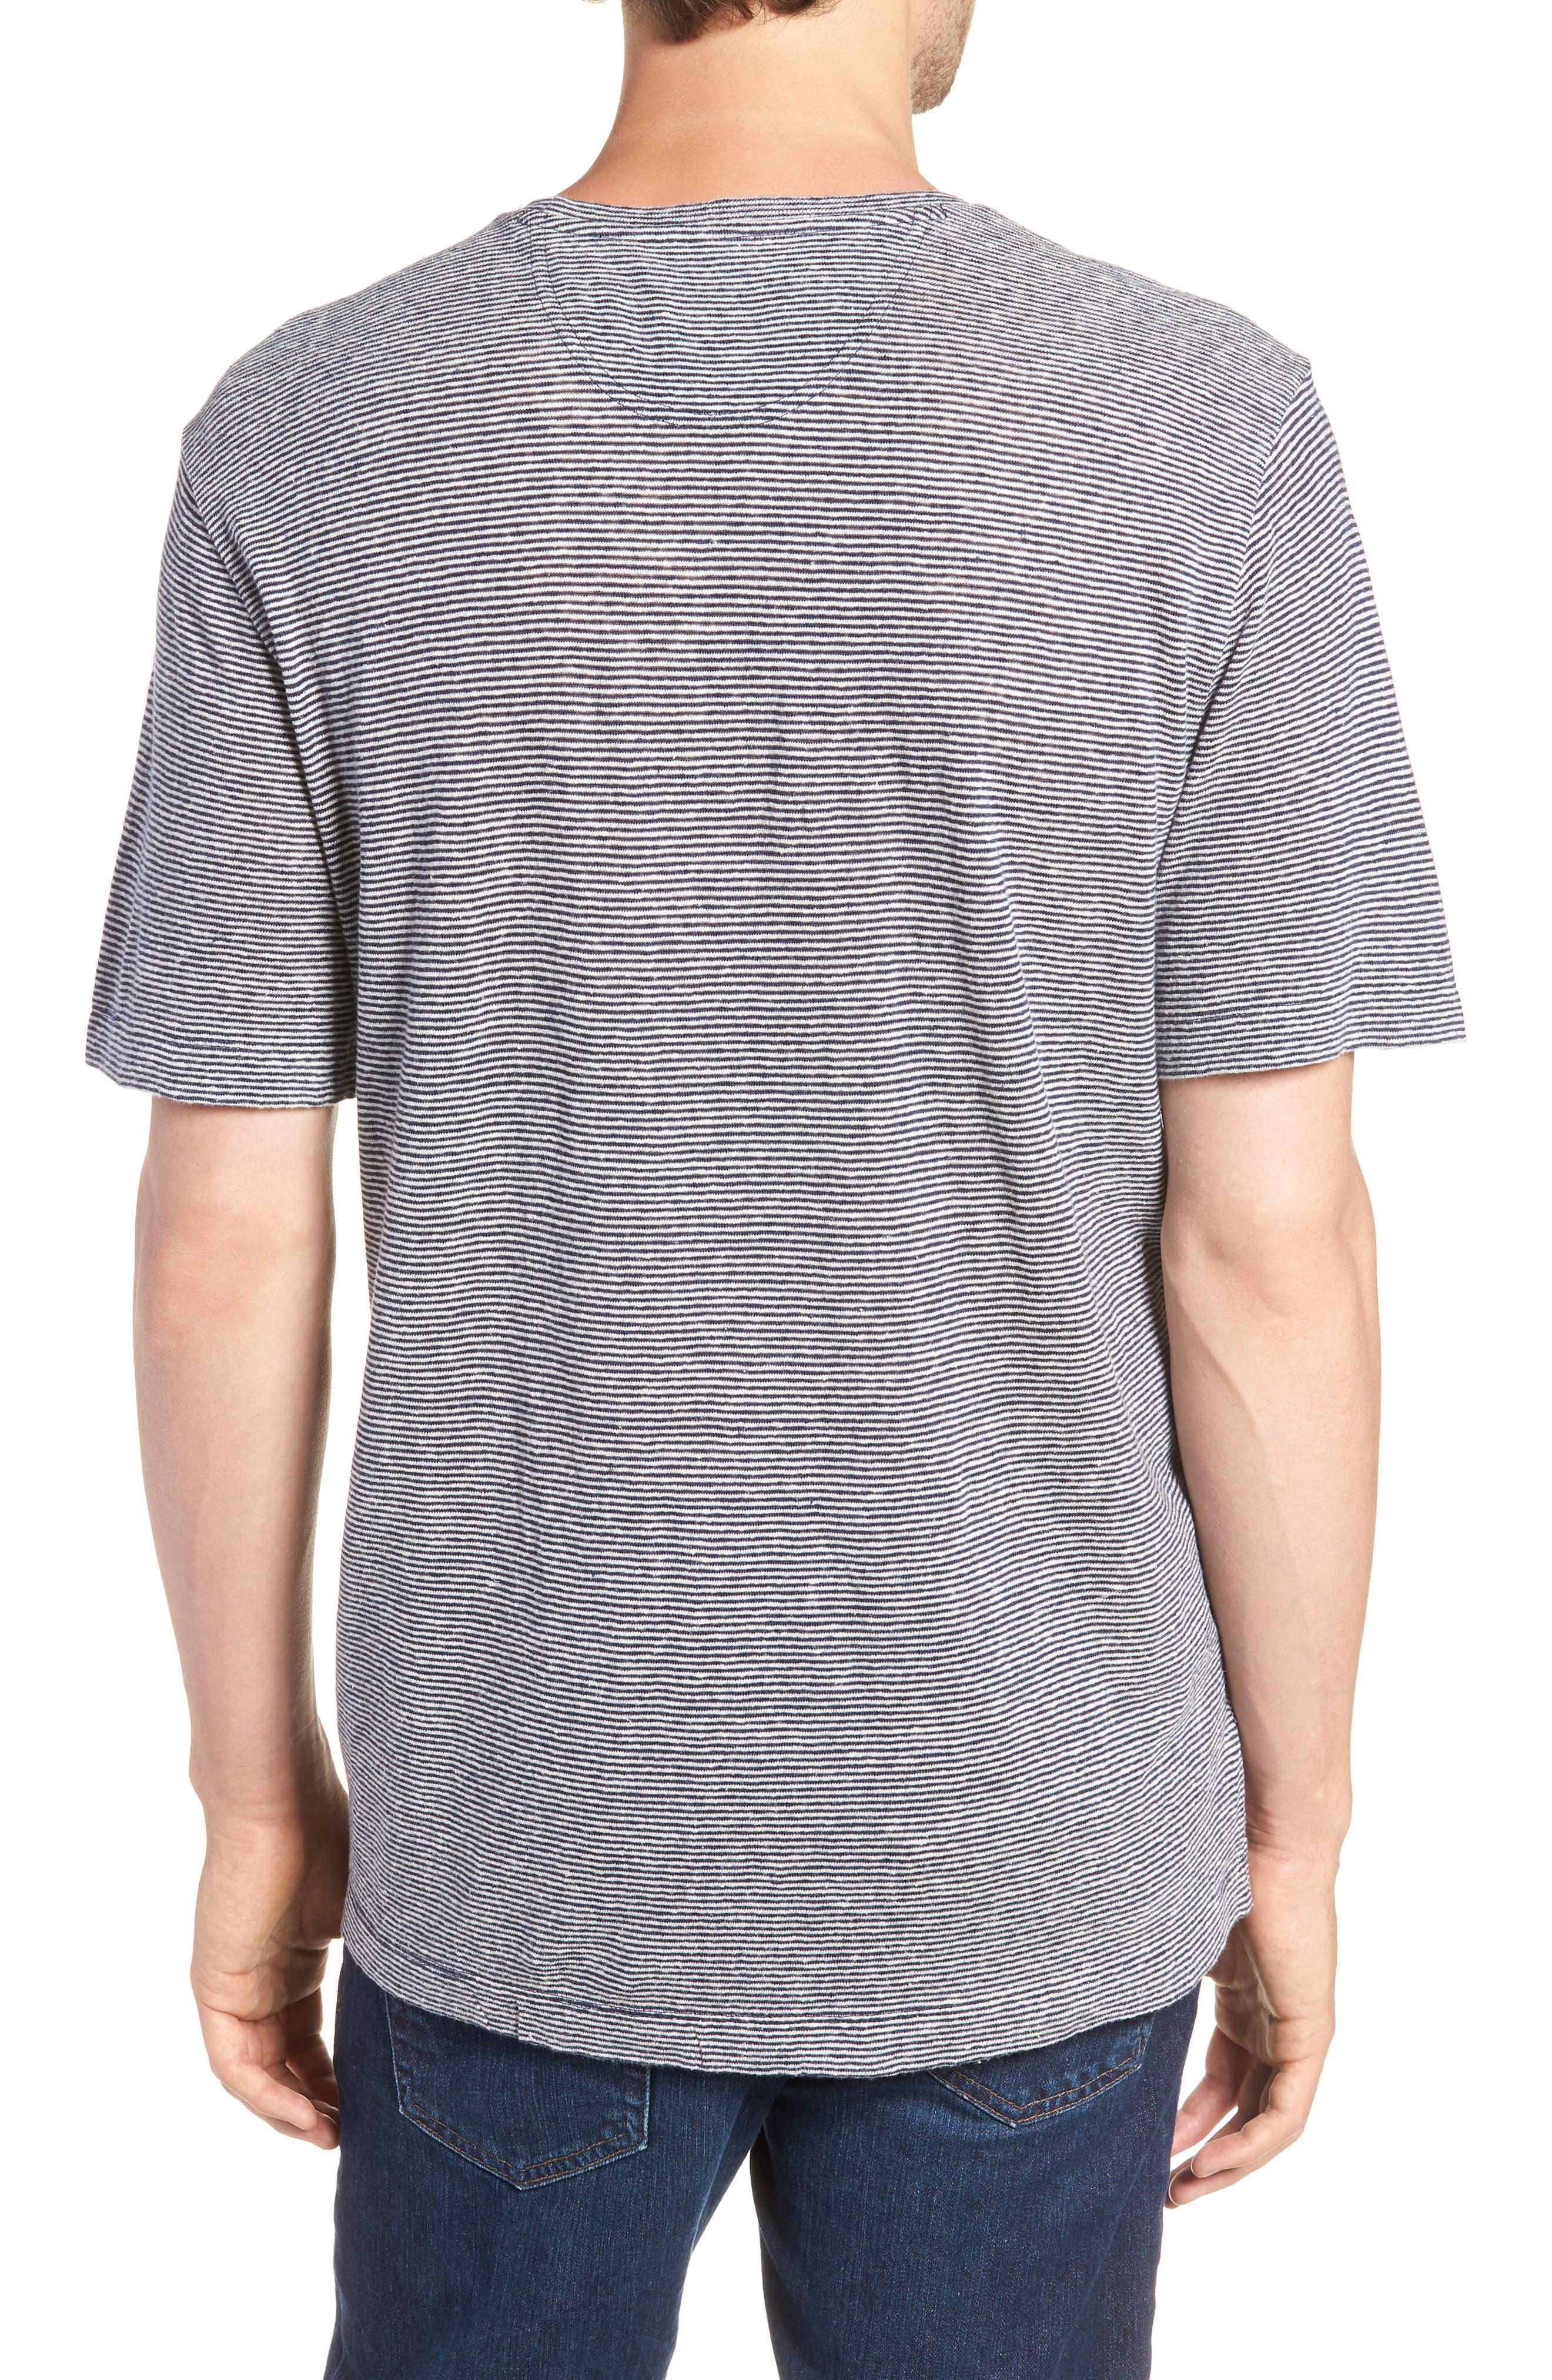 Feeder Stripe Linen Blend Jersey T-Shirt,                             Alternate thumbnail 2, color,                             Navy Iris White Stripe